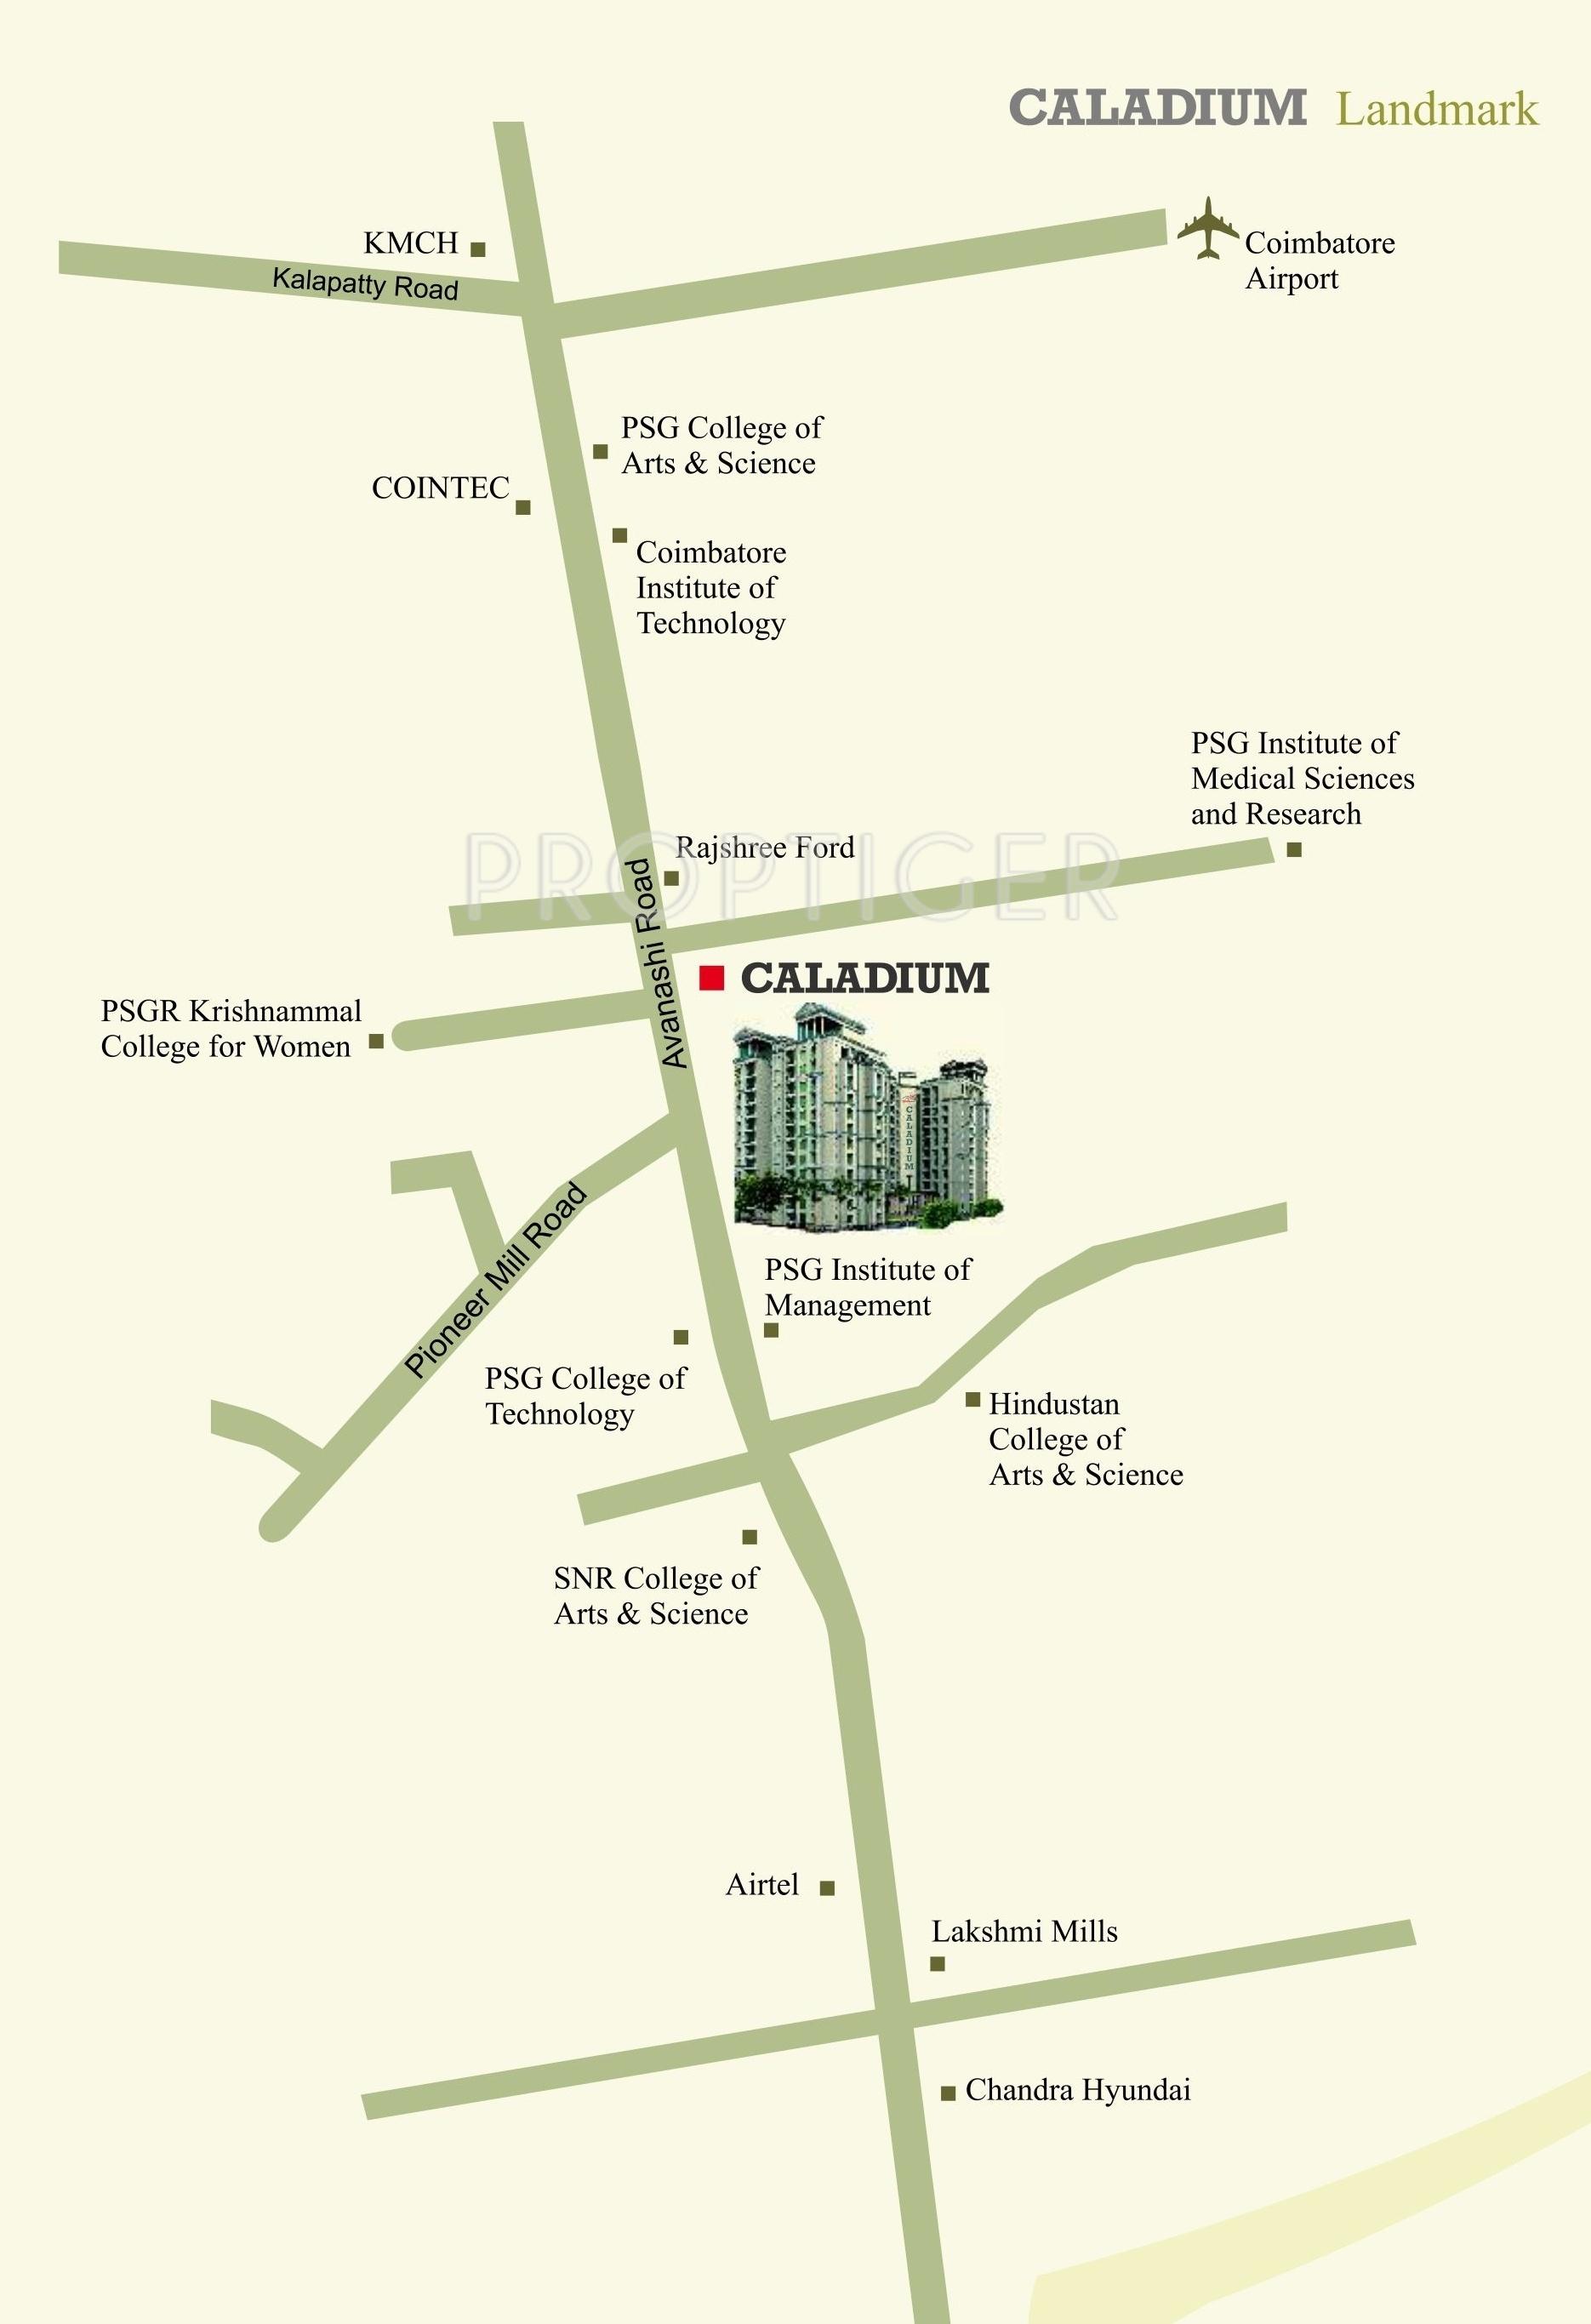 Mayflower Caladium in Peelamedu, Coimbatore - Price